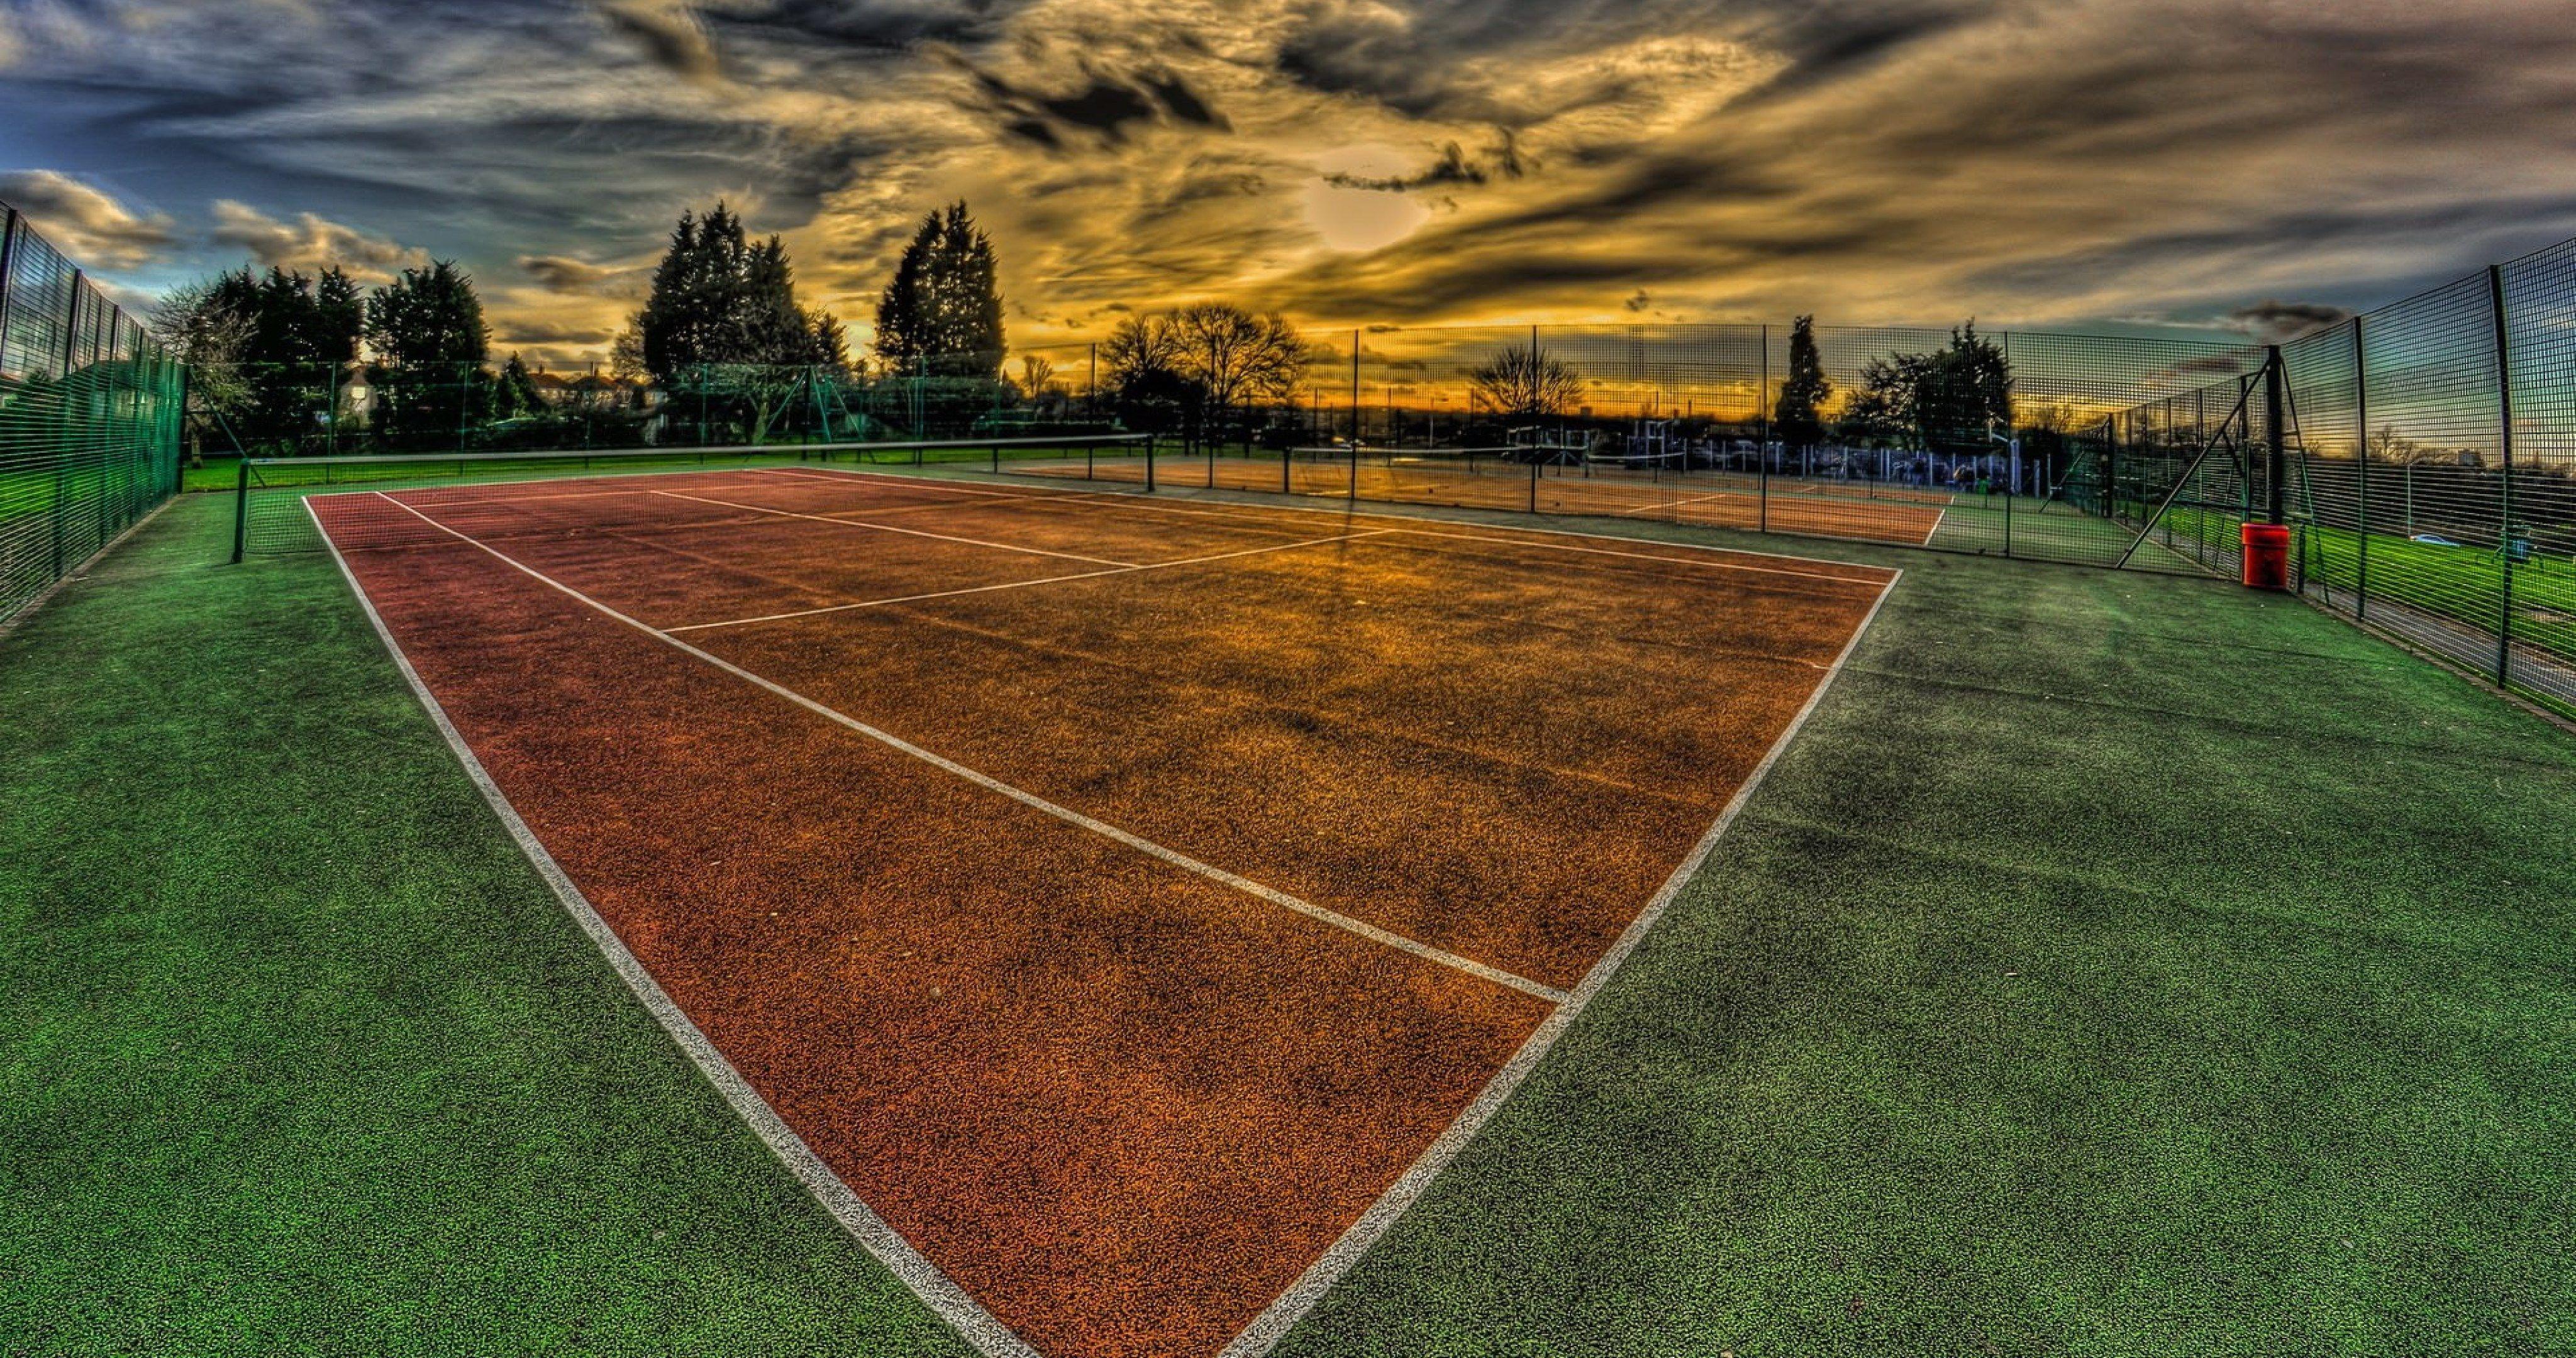 Court Sunset Sport Wallpaper 4k Ultra Hd Wallpaper